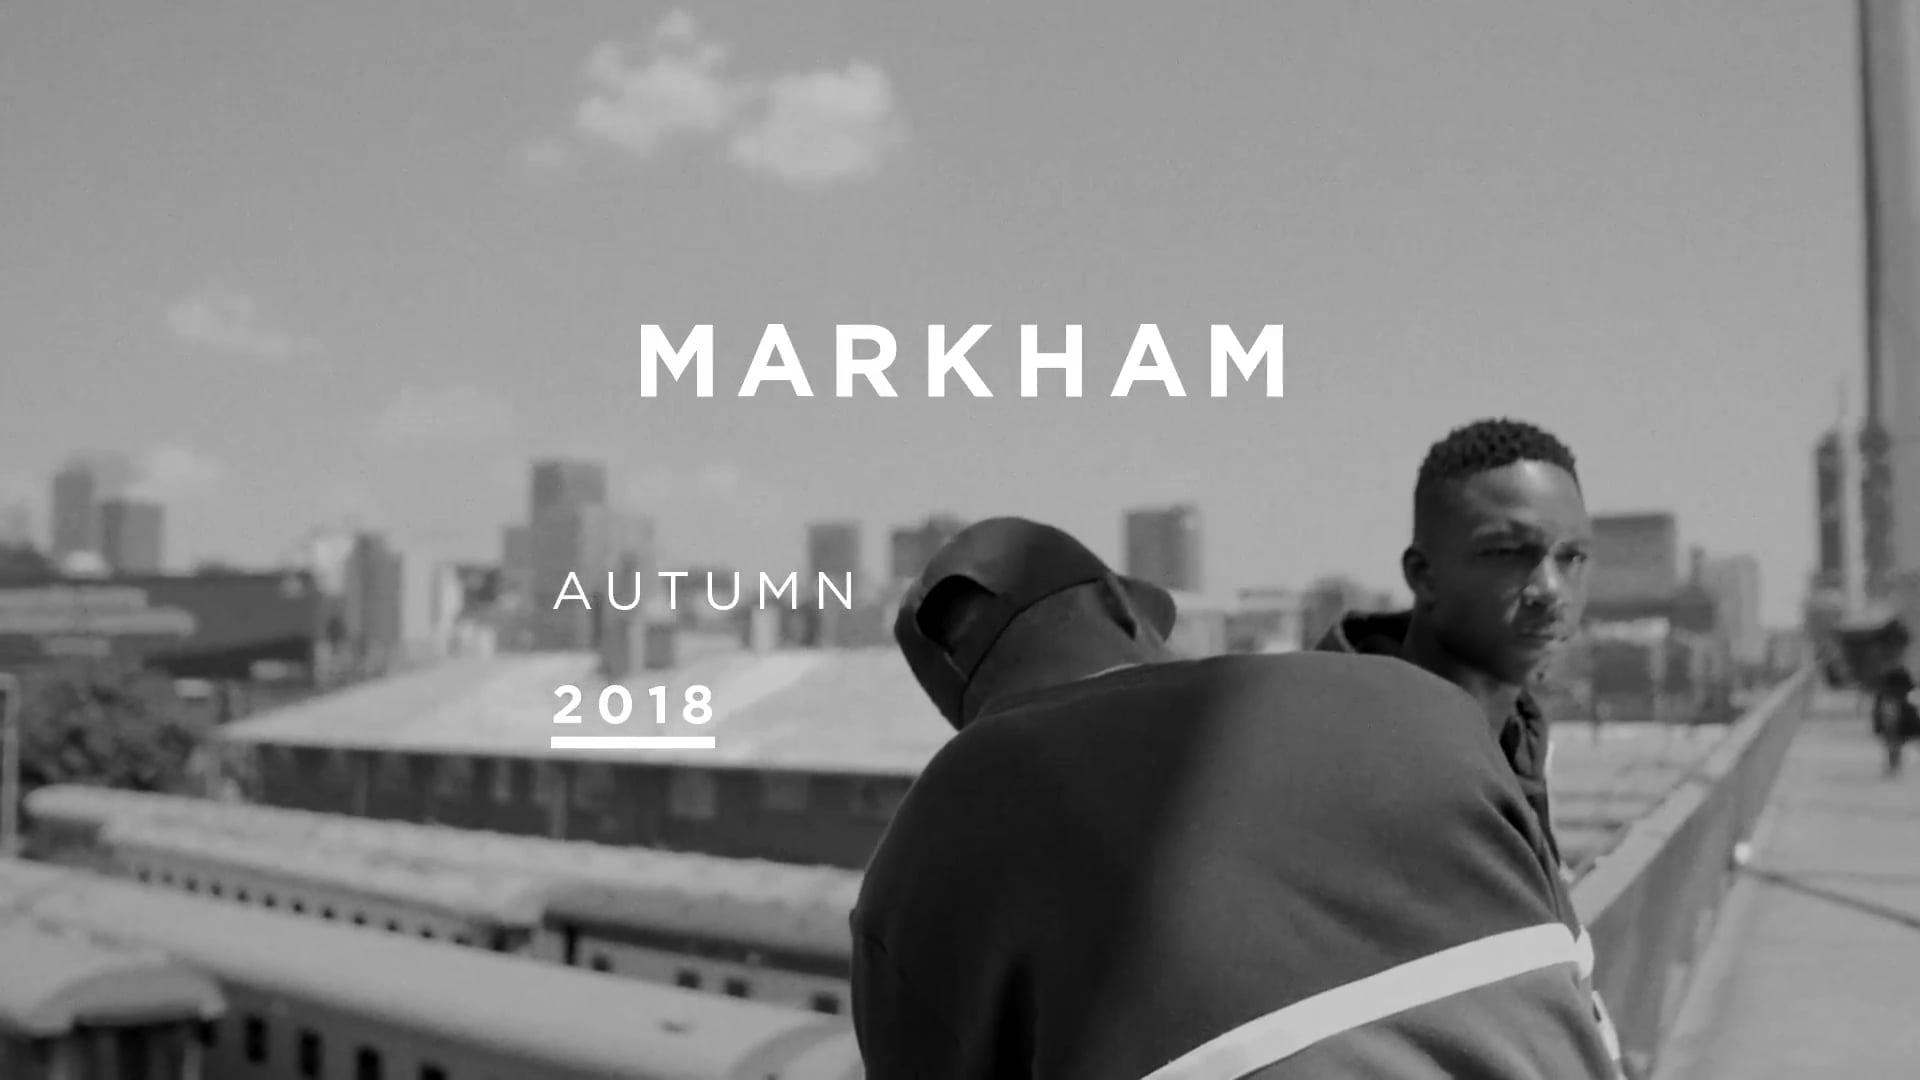 Markham Autumn 2018 Product Range